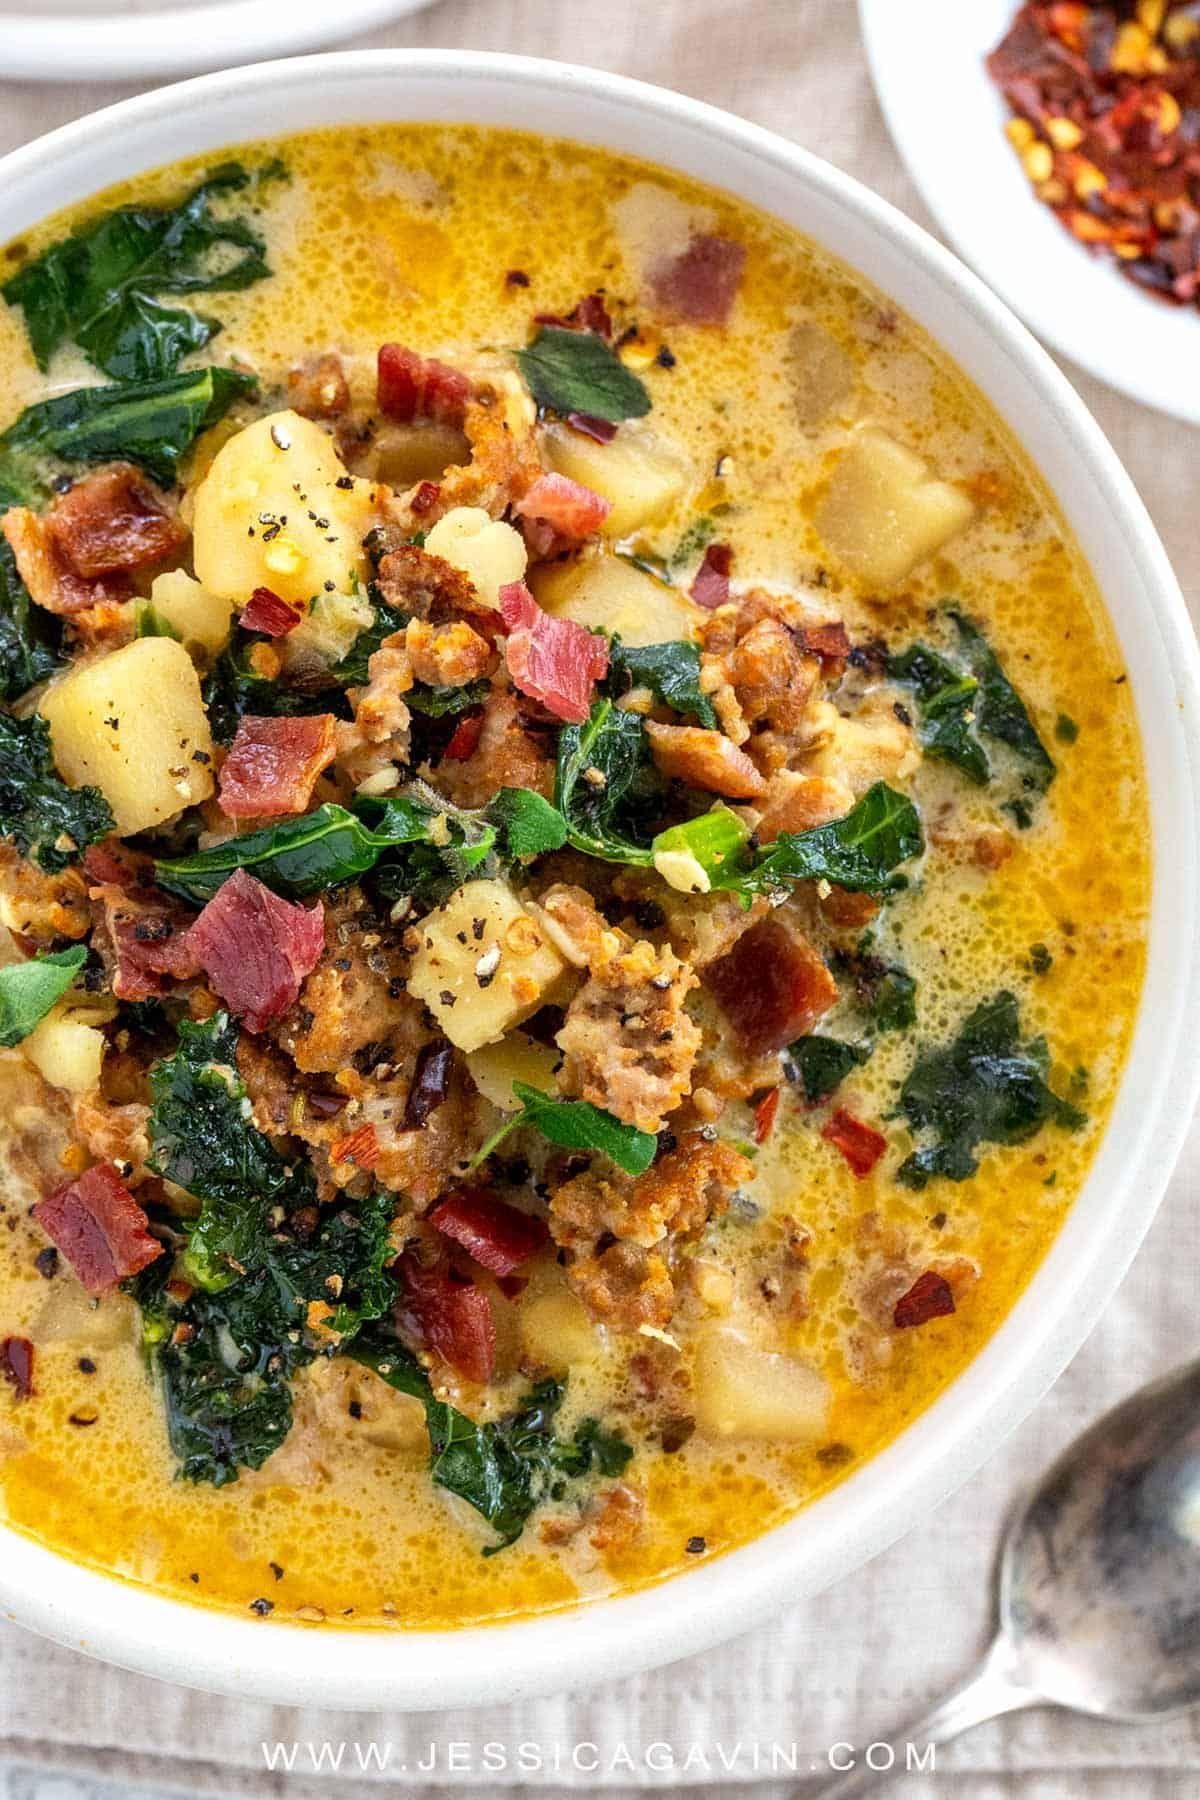 Instant Pot Zuppa Toscana Recipe Instant pot recipes